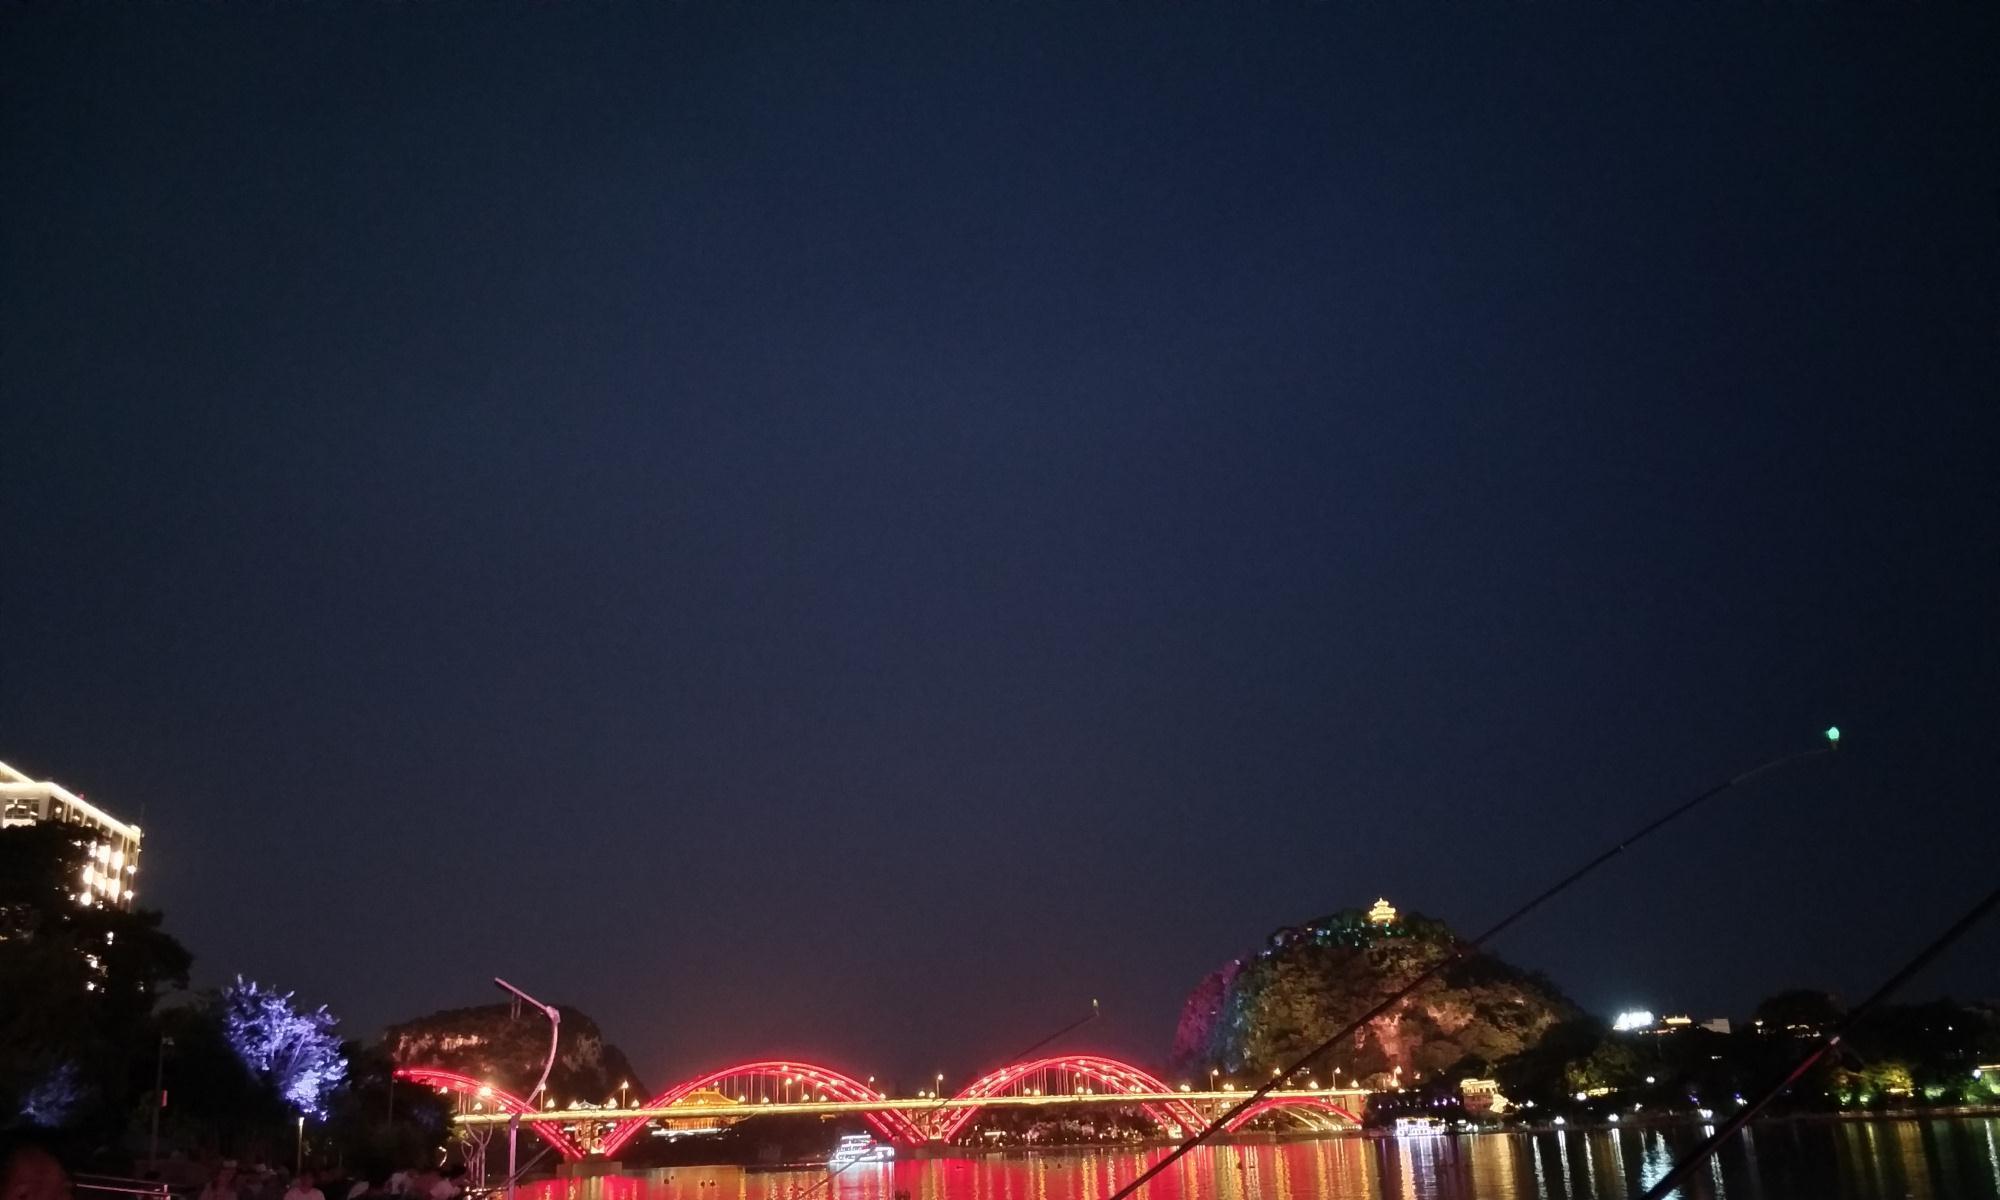 柳州夜景,一半高楼一半山水,在灯光的照应下美极了,值得一游!